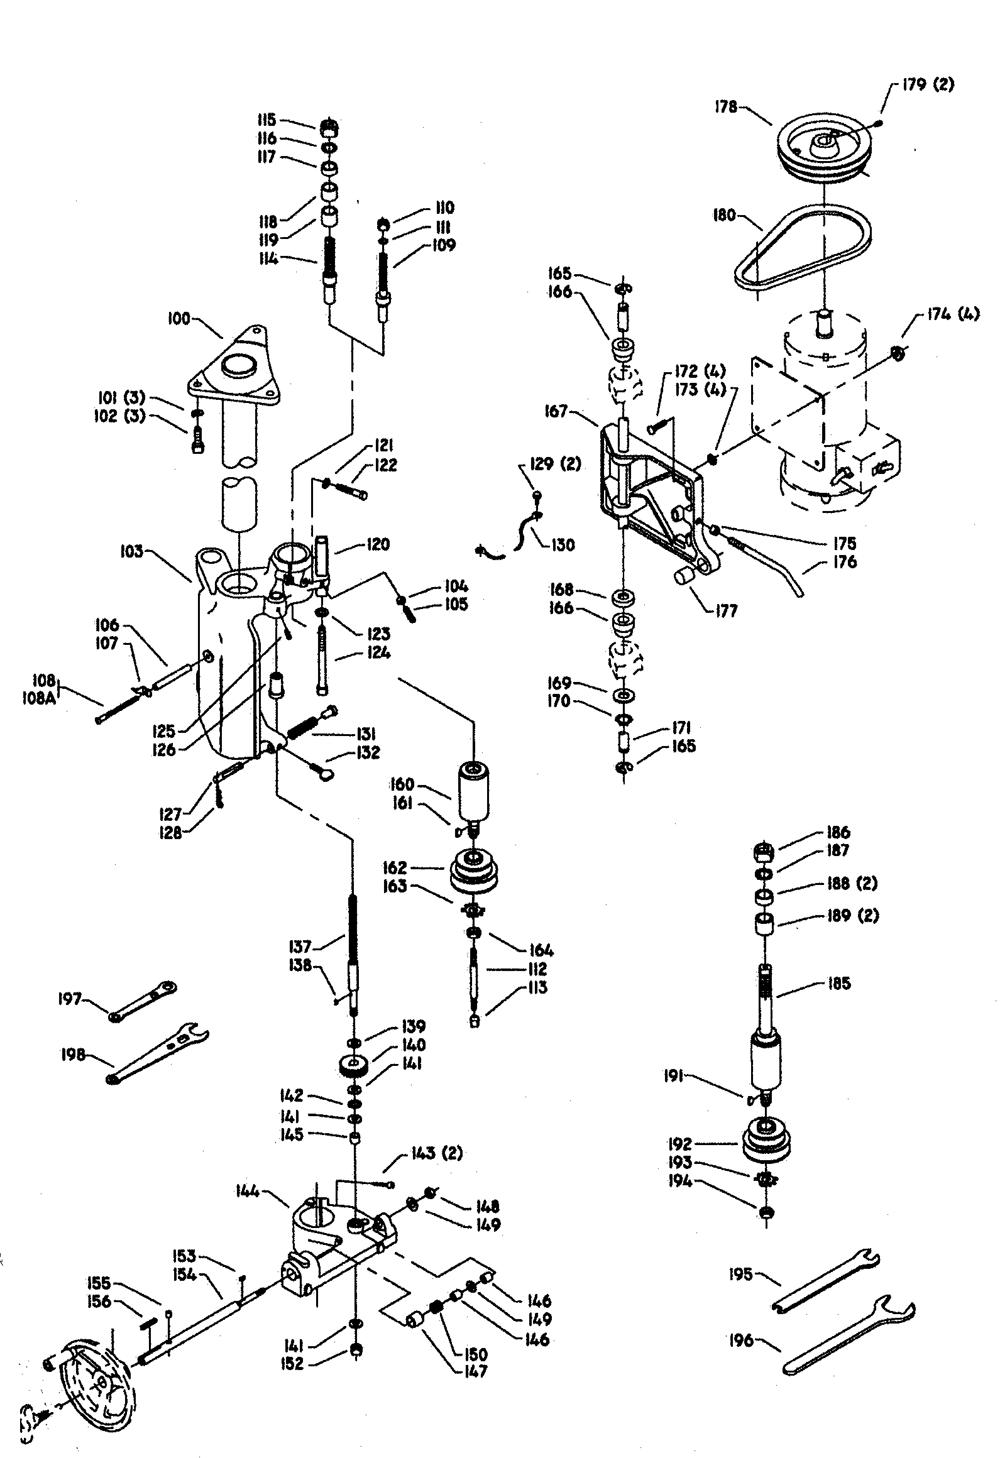 43-384-Delta-T2-PB-1Break Down